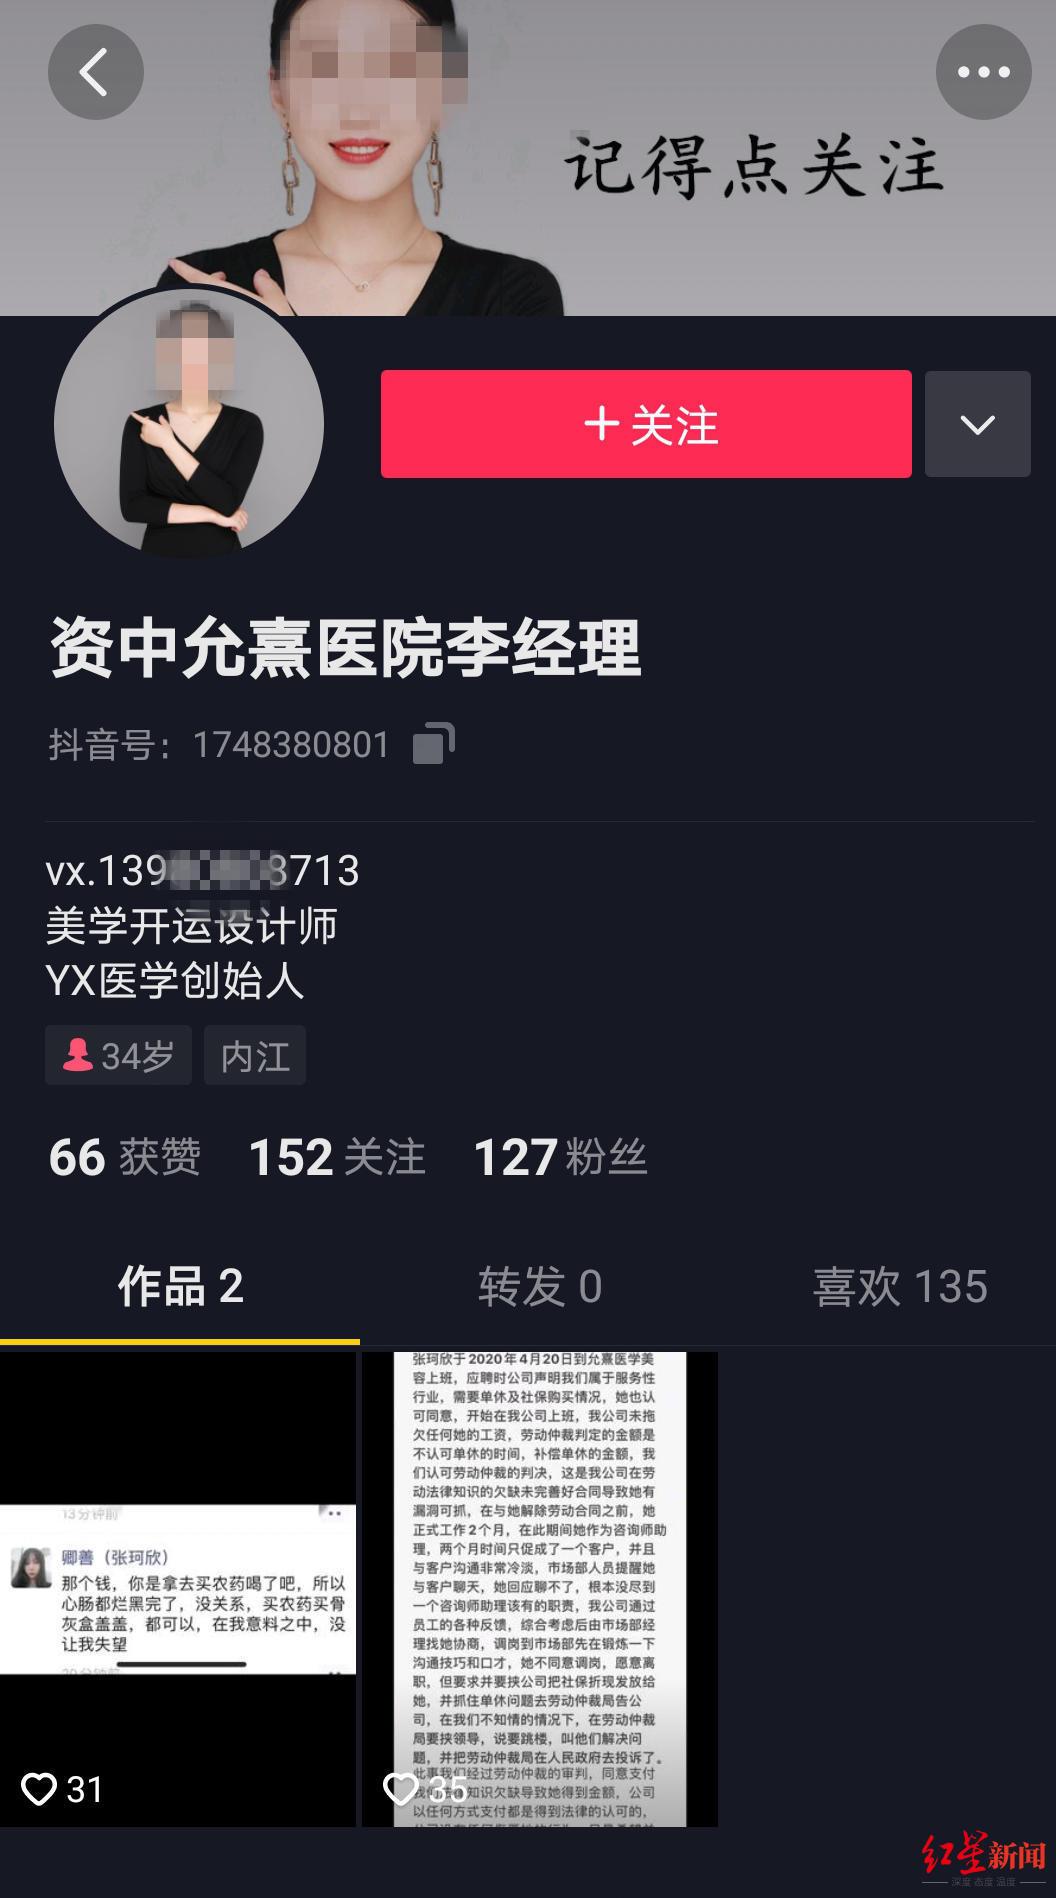 """""""资中允熹医院李经理""""公布的微信号系赵先生私人手机号码"""